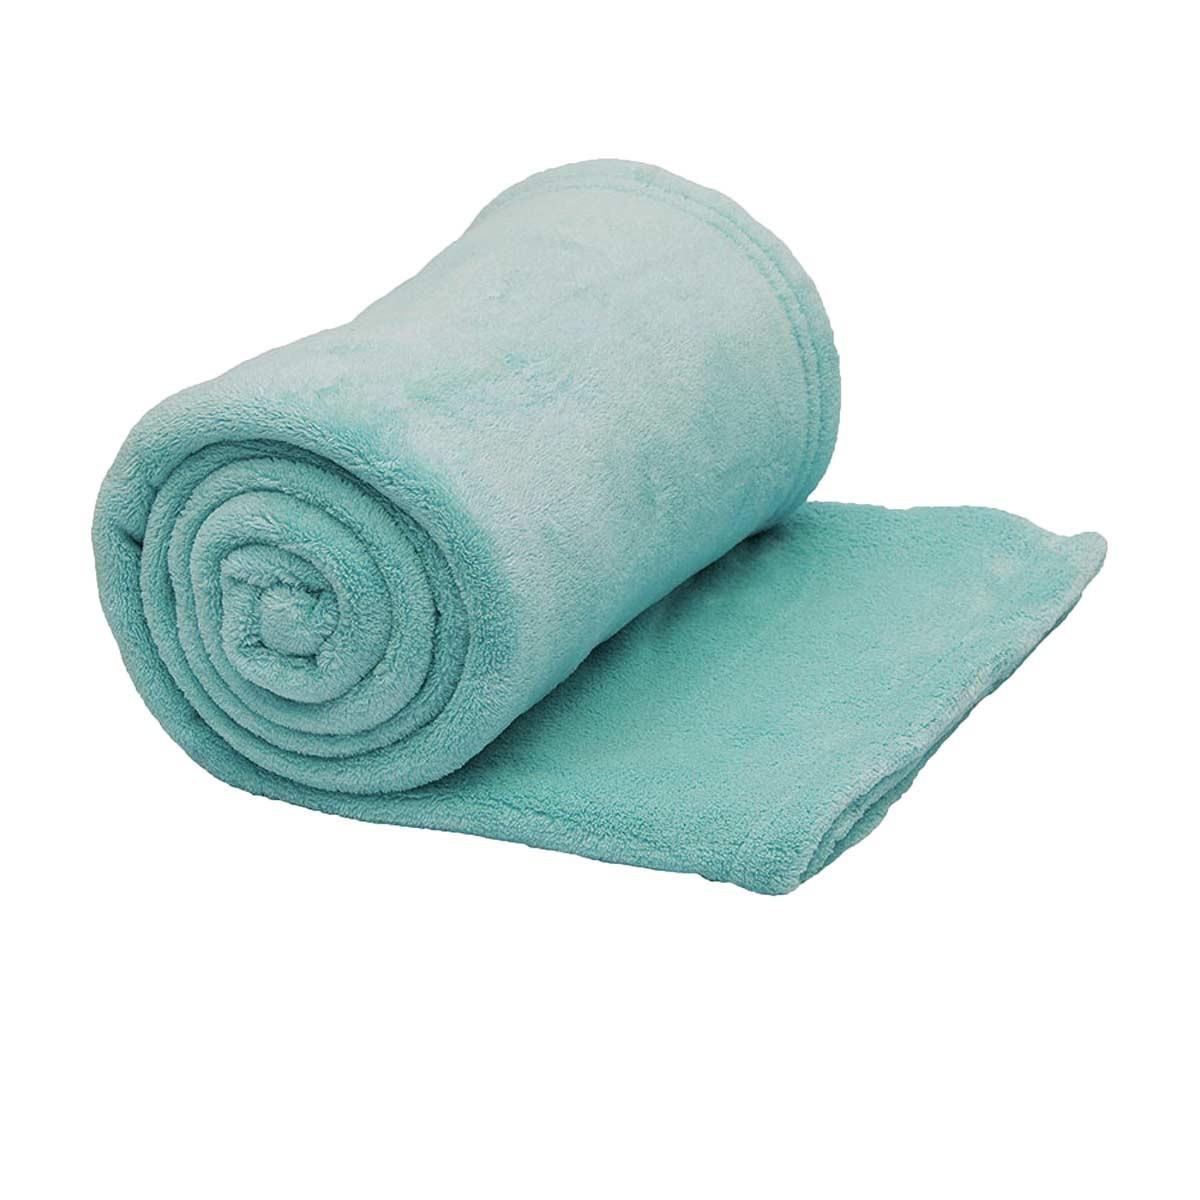 Κουβέρτα Fleece Υπέρδιπλη Viopros Πετρόλ